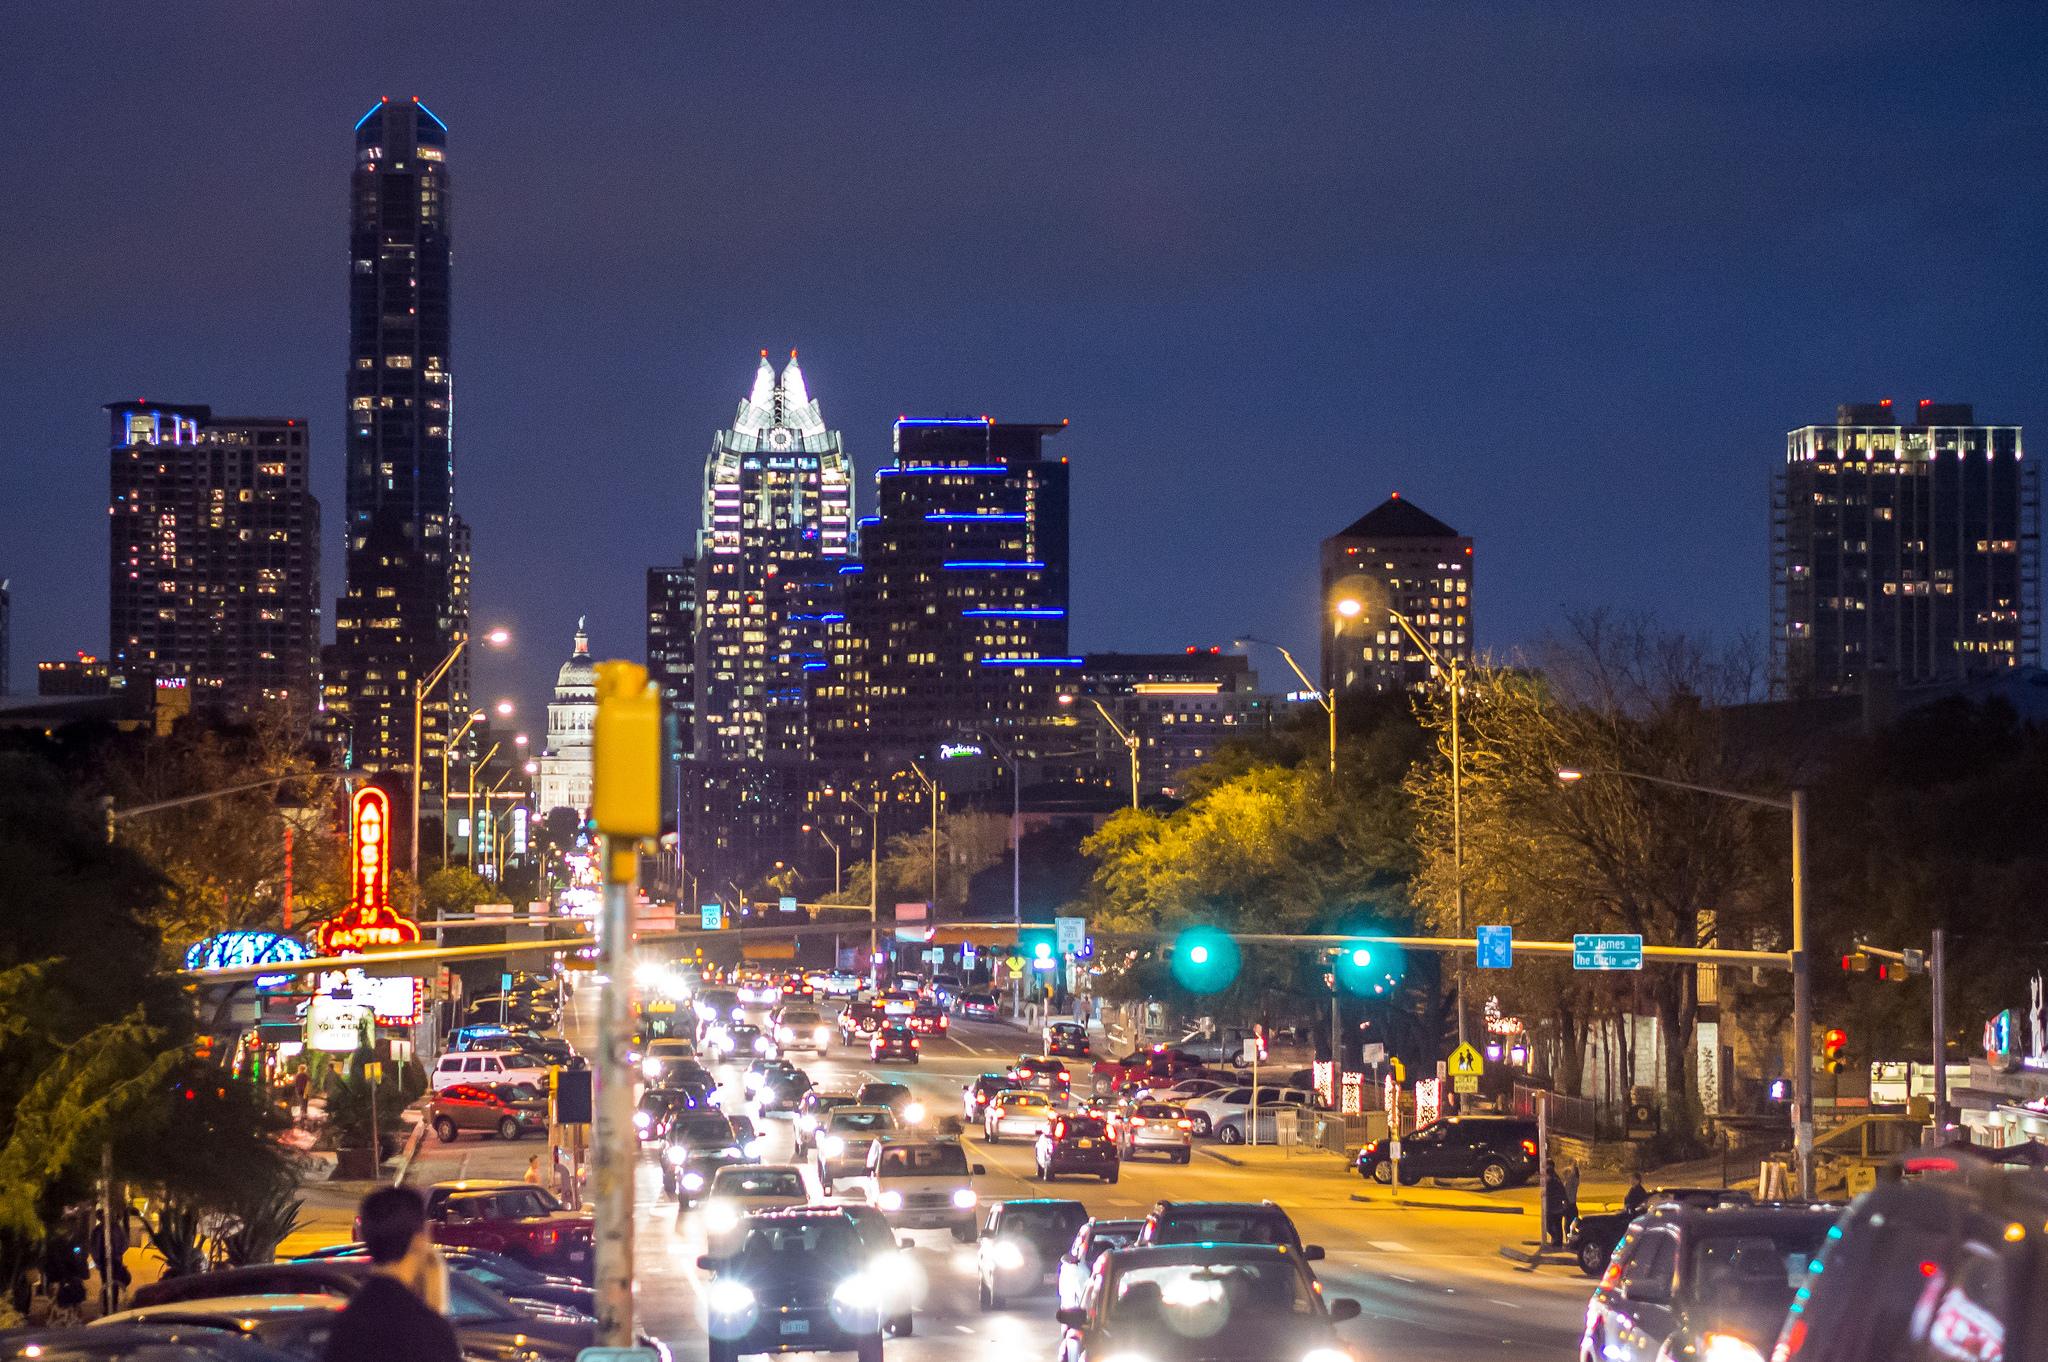 Austin at night. Photo by Sergey Galyonkin https://www.flickr.com/photos/sergesegal